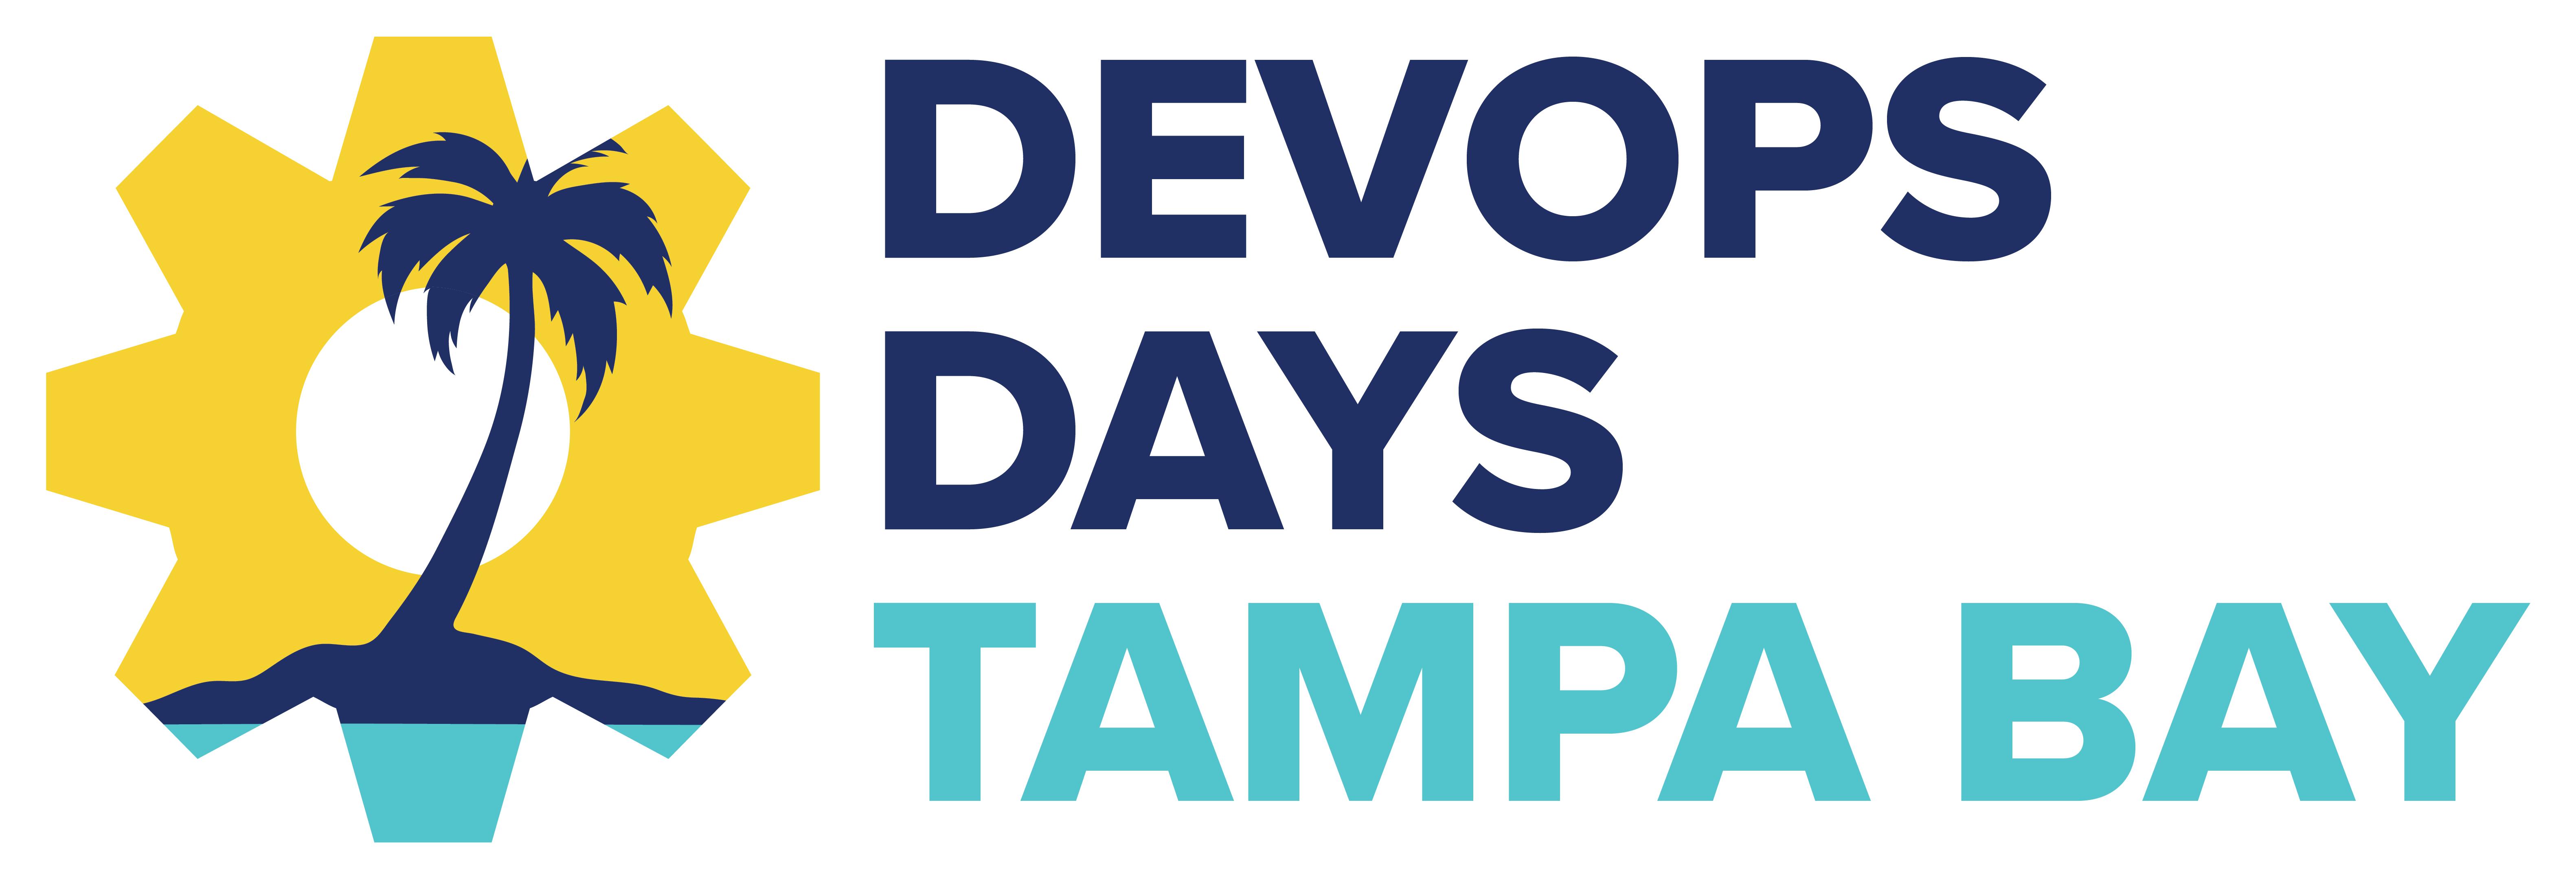 devopsdays Tampa Bay 2020